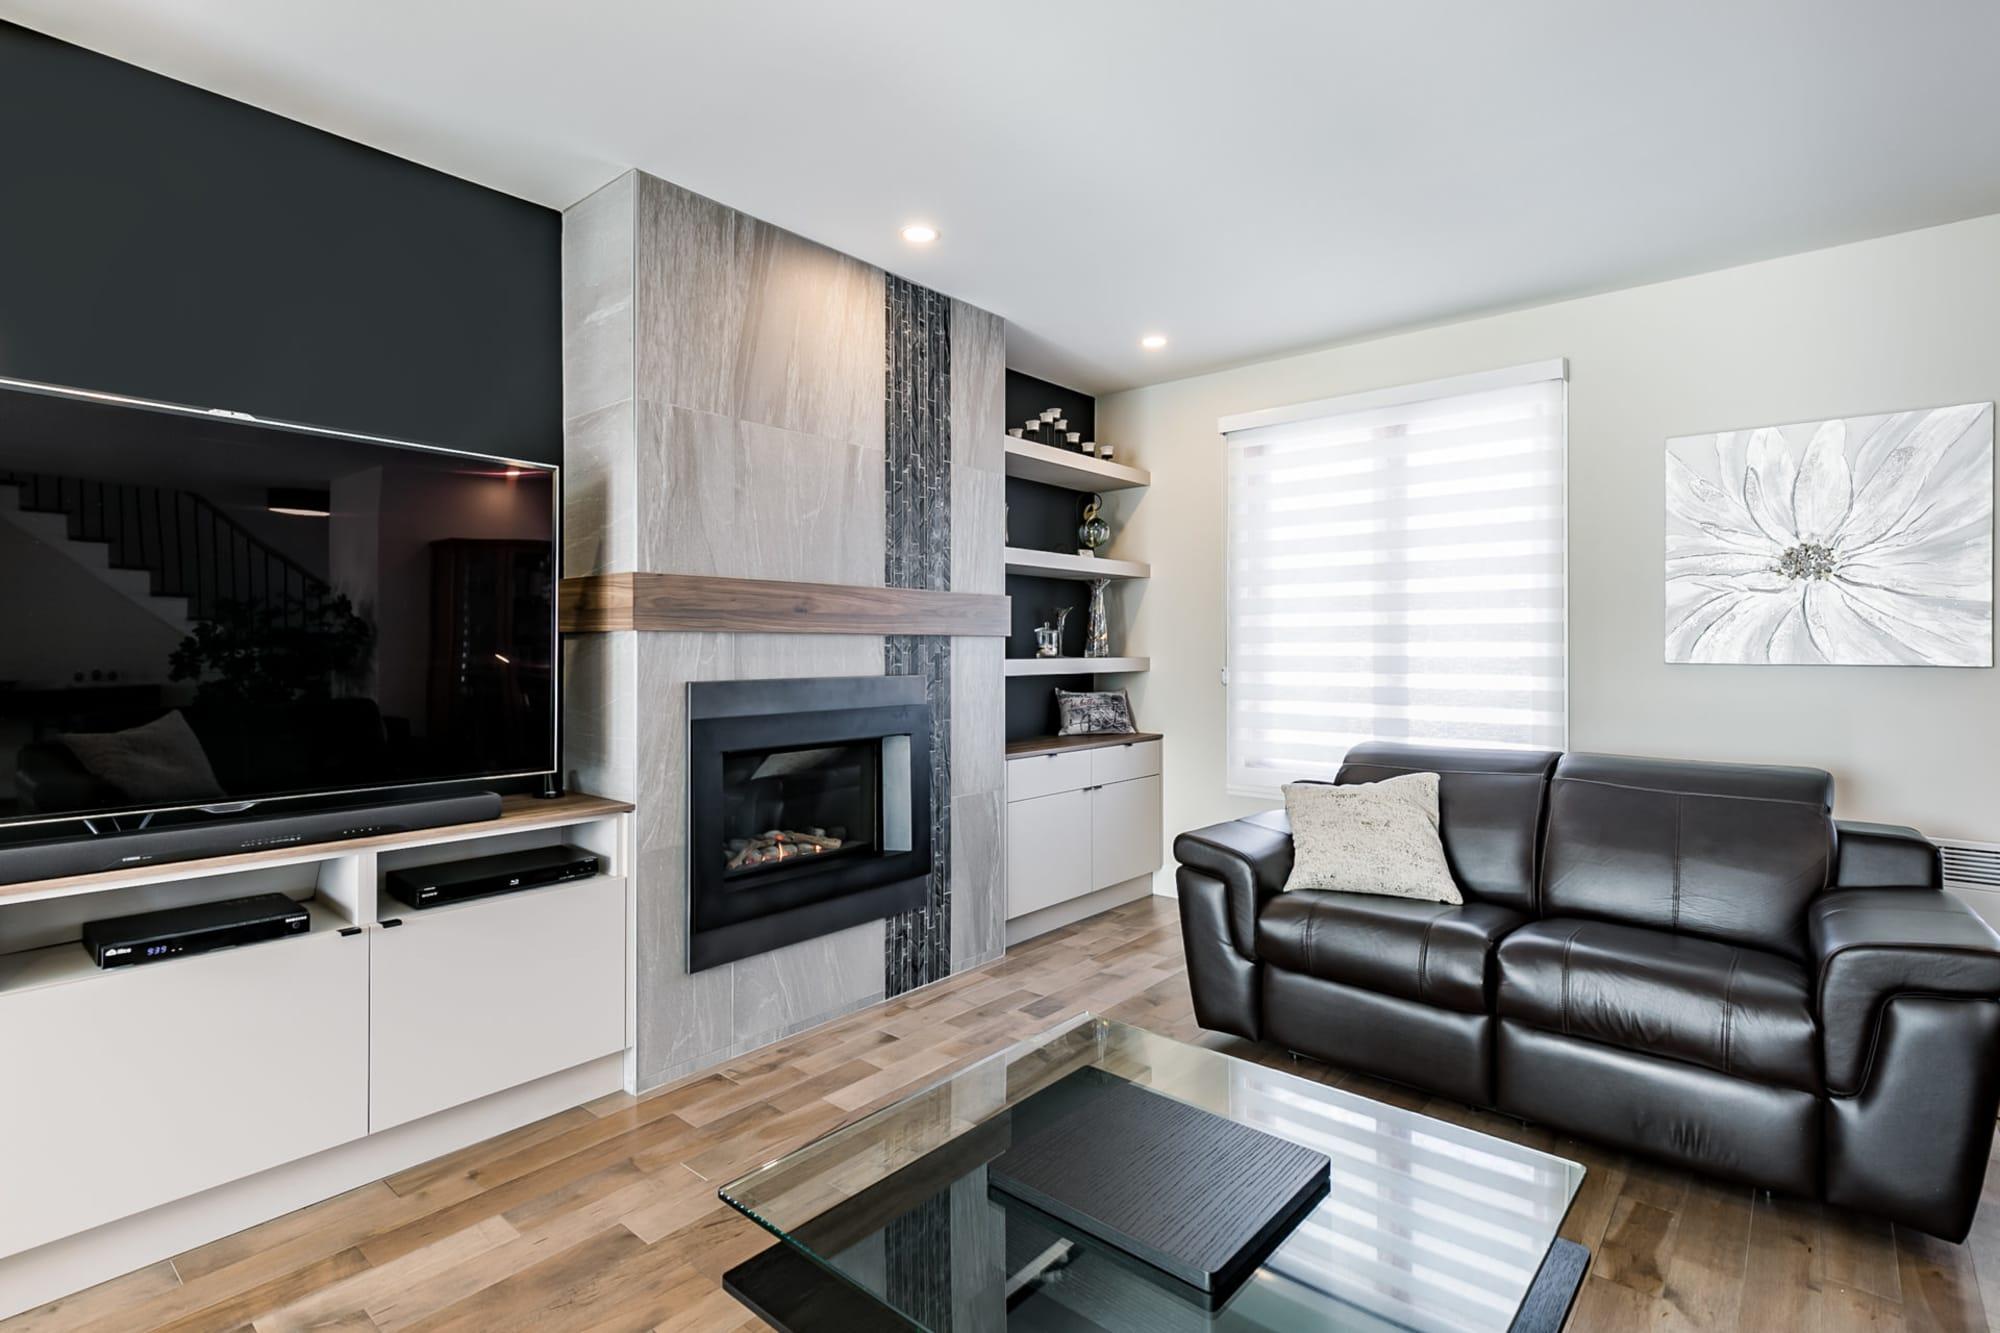 meuble sur mesure avec foyer moderne au gaz et plancher en bois franc